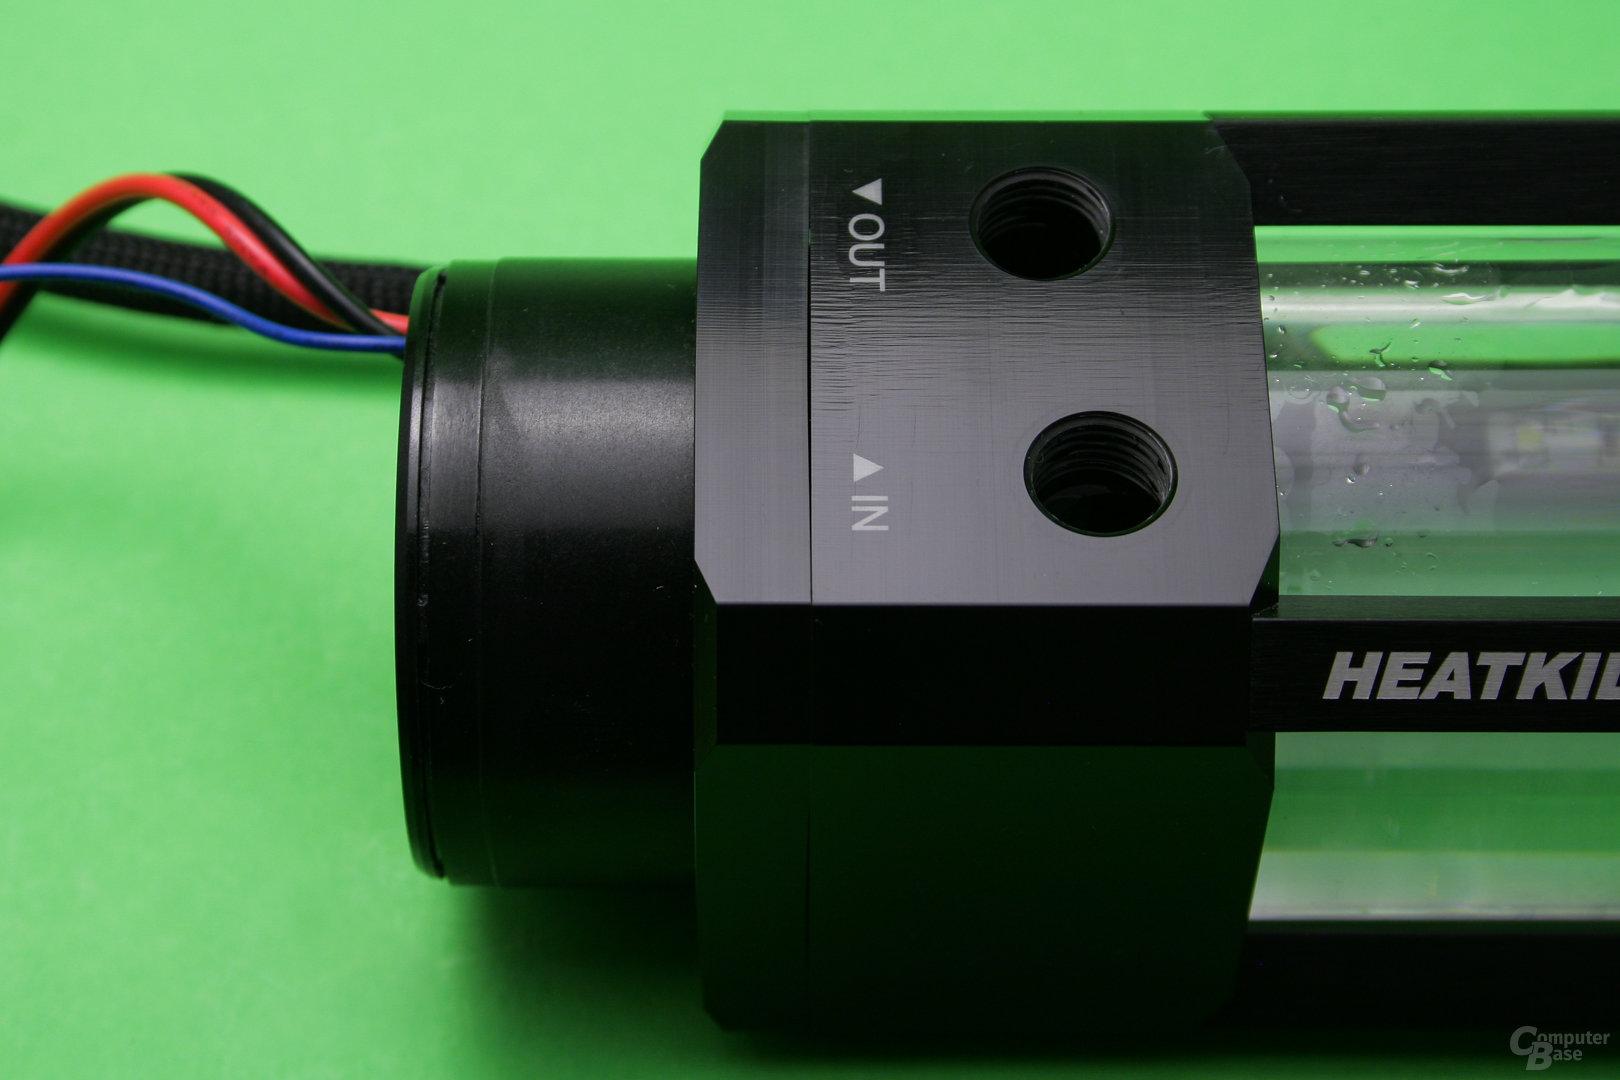 Watercool Heatkiller Tube D5: Die Pumpe wird von unten per Halterahmen mit acht Schrauben fixiert